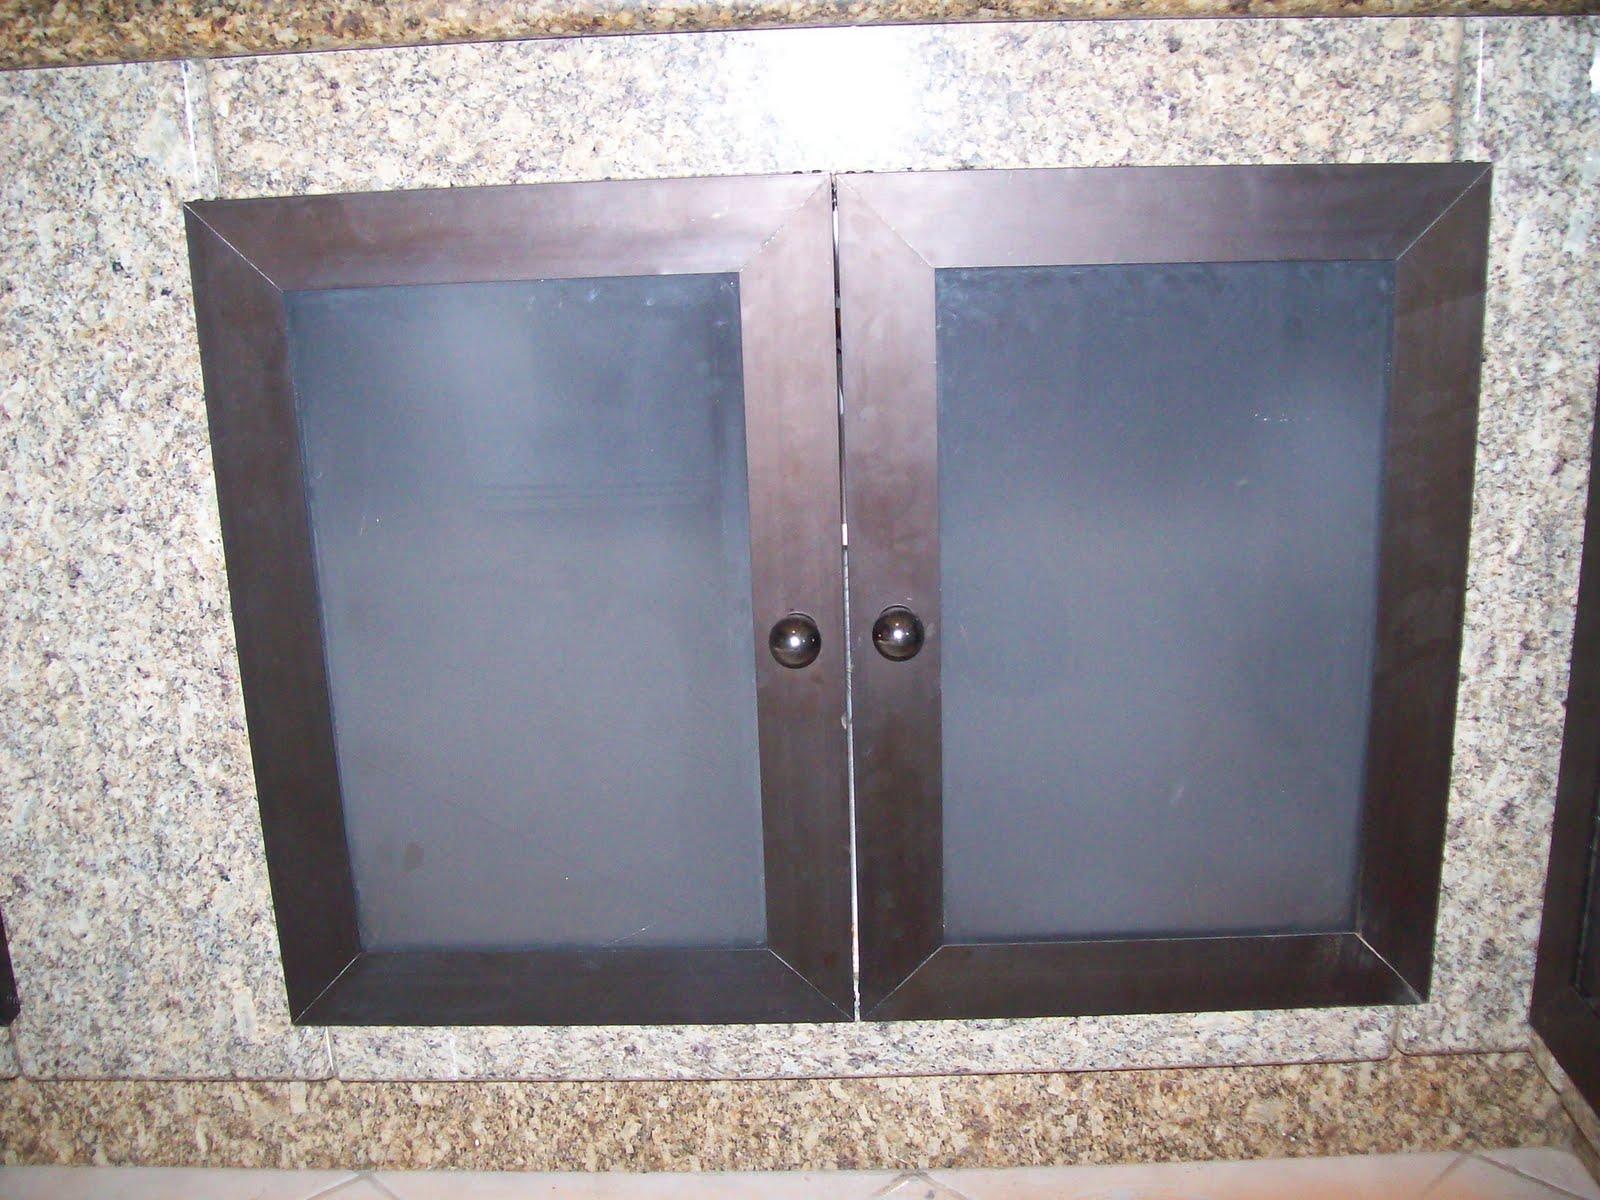 #7B6750 ESQUADRIAS E SERRALHERIA DUARTE: PORTAS EM ALUMINIO 1066 Portas E Janelas De Aluminio Em Feira De Santana